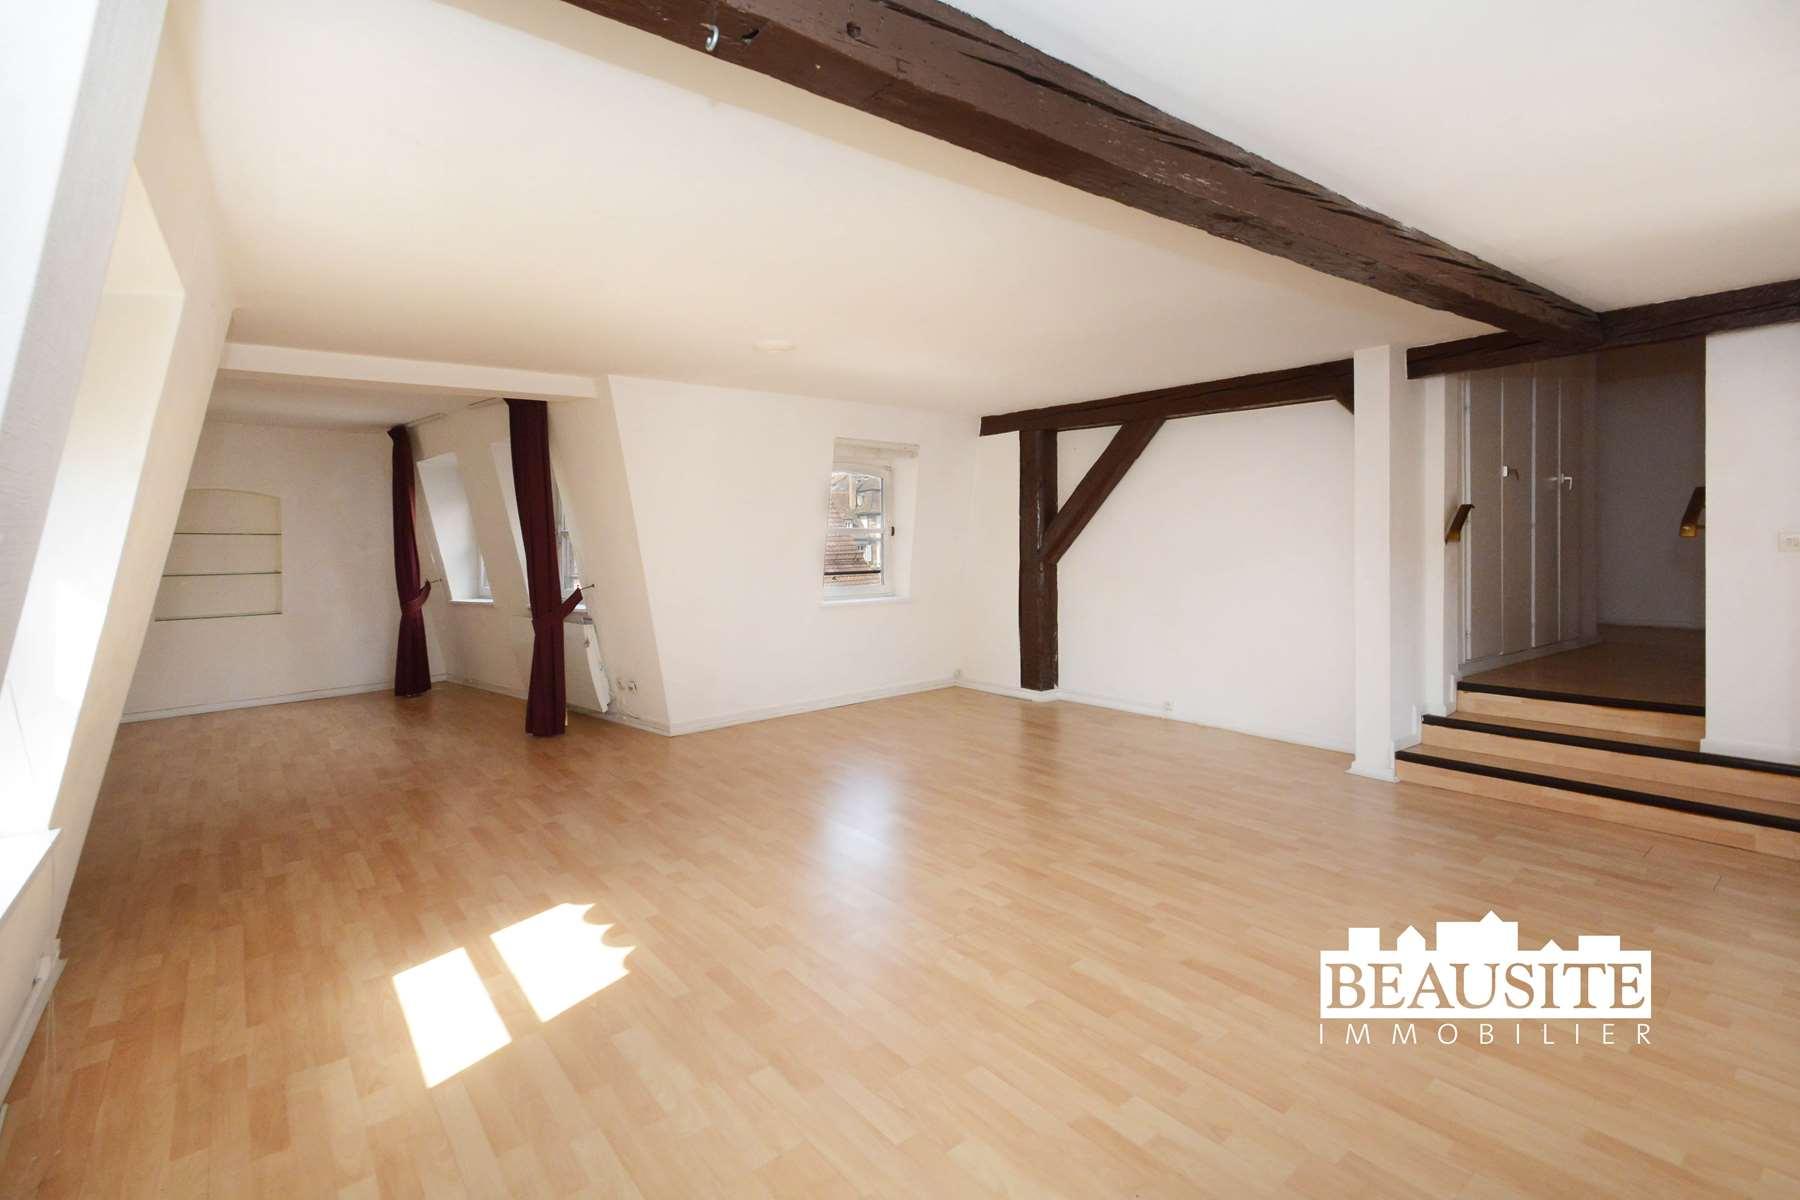 [Gold] Un appartement lumineux avec vue sur la Cathédrale - Strasbourg Centre - nos ventes - Beausite Immobilier 3